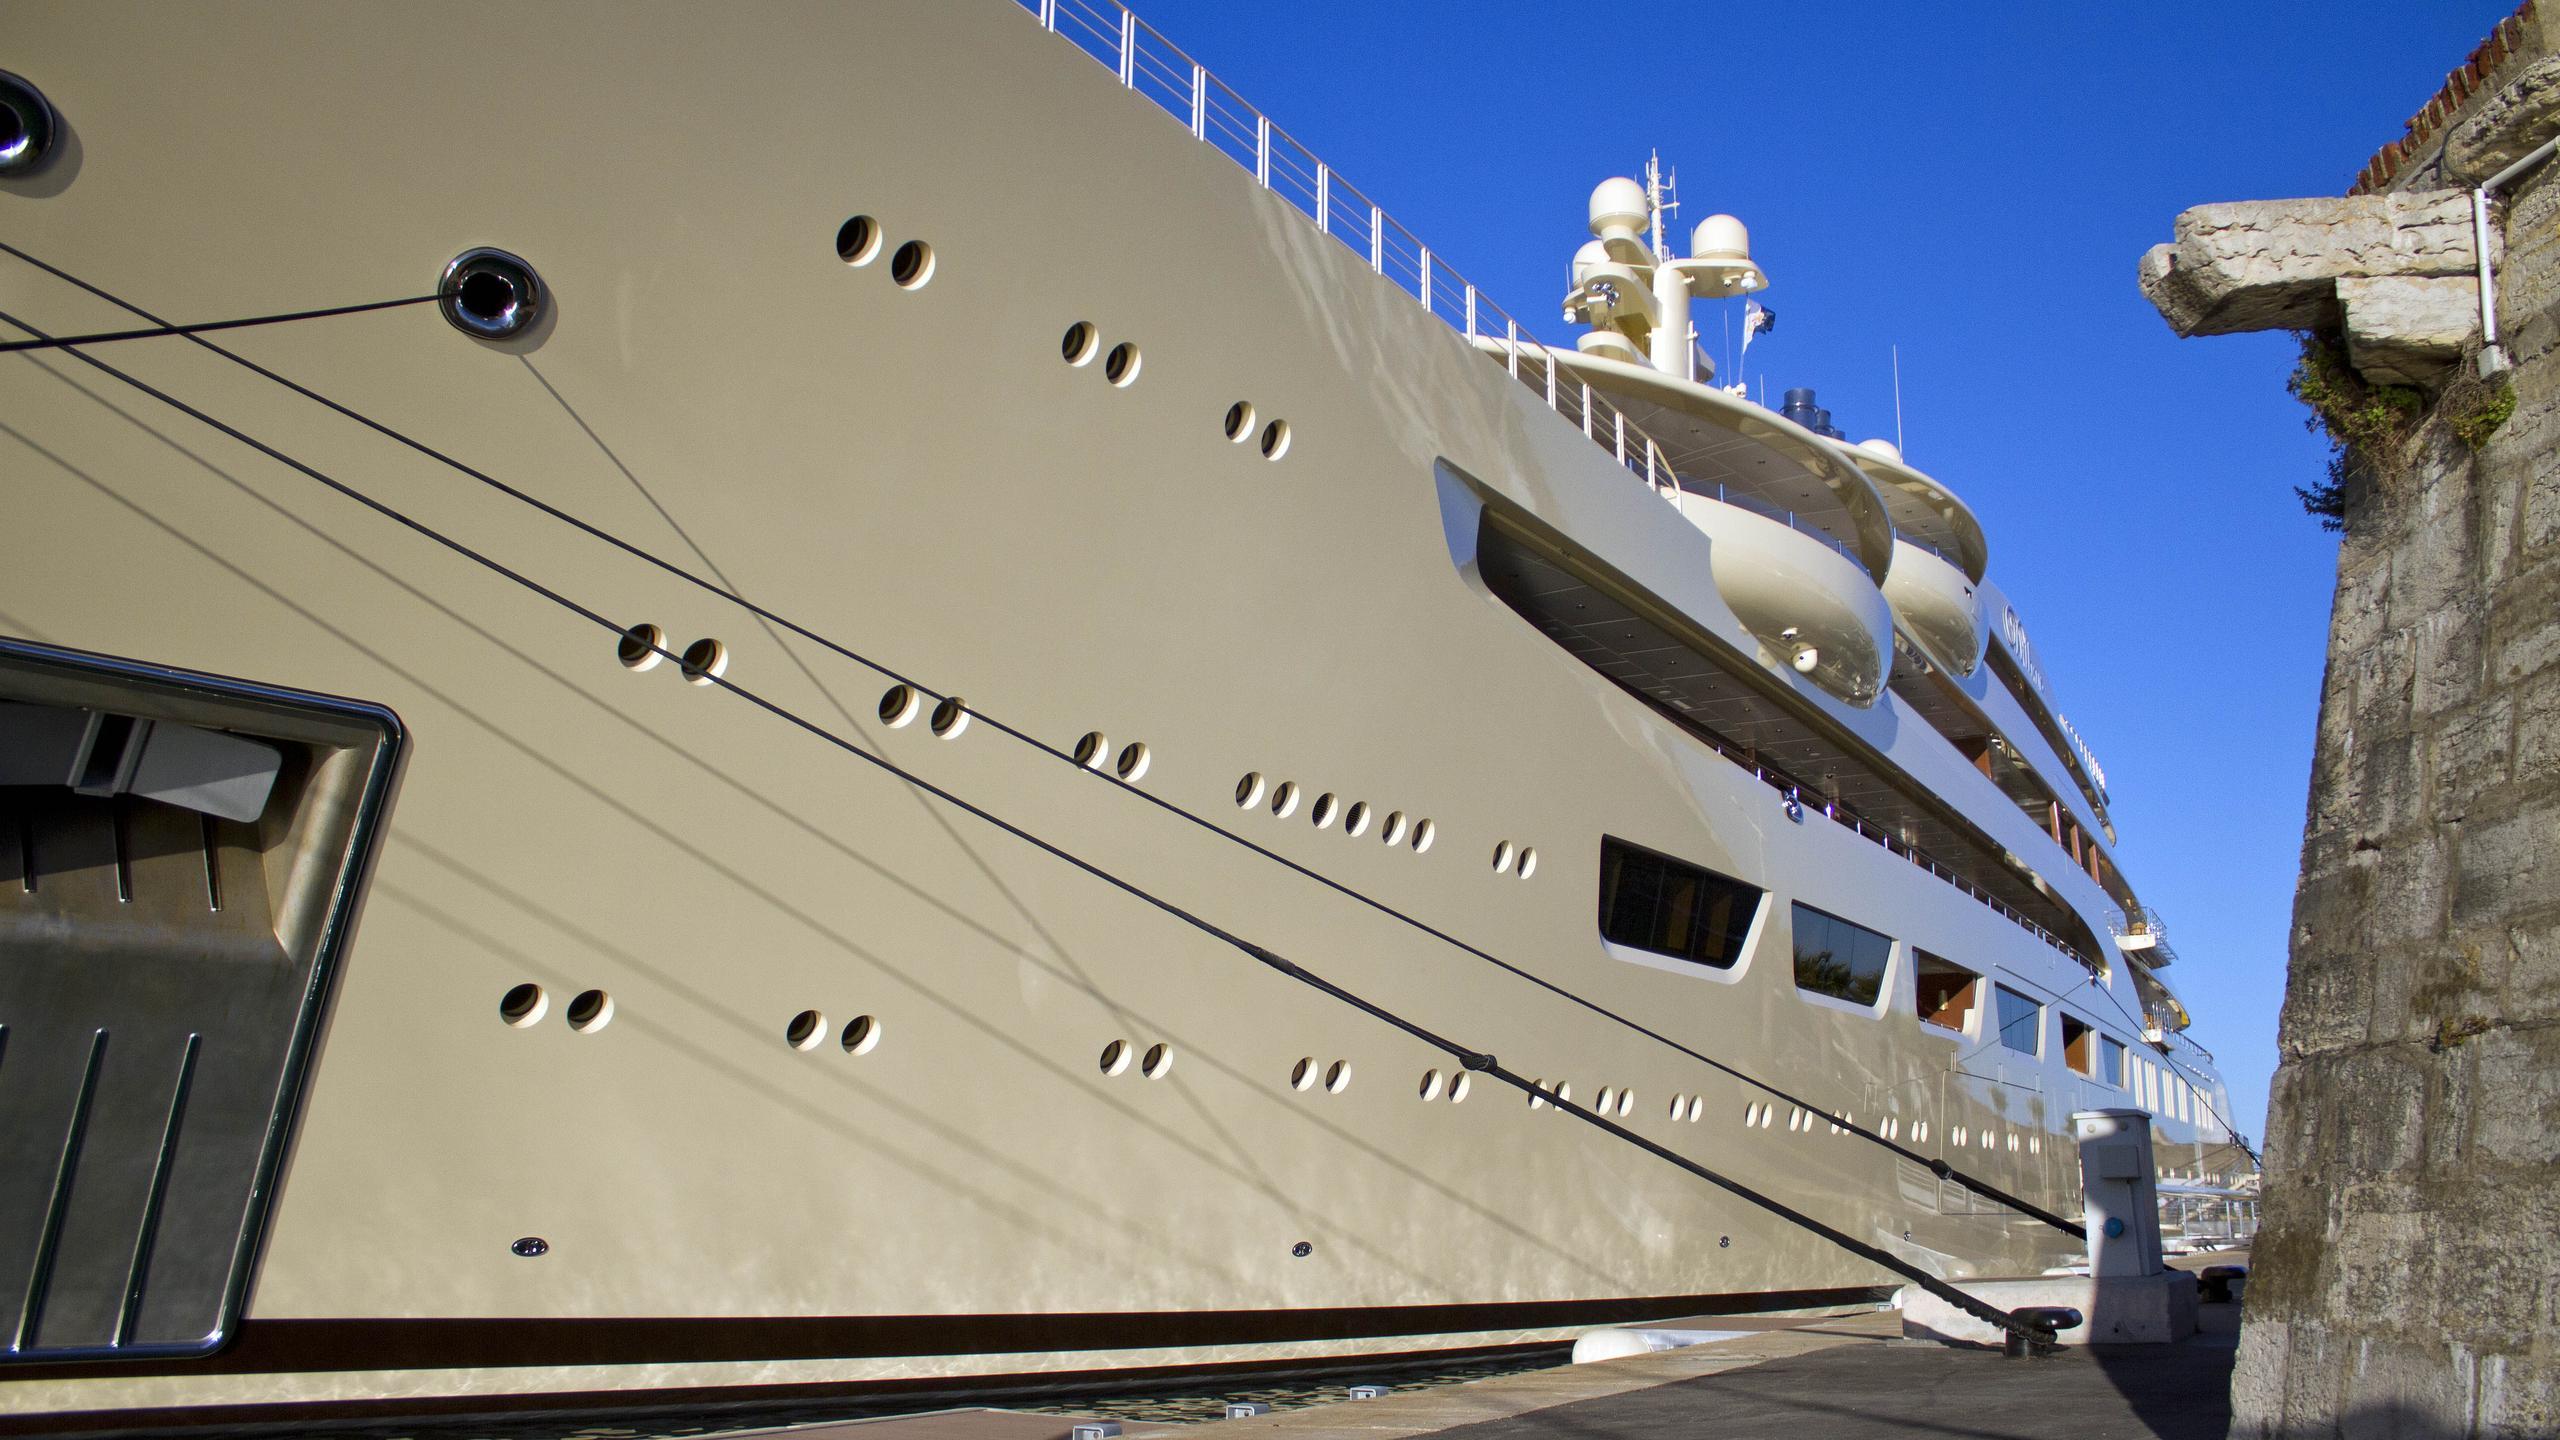 dilbar-motor-yacht-lurssen-2016-156m-side-details